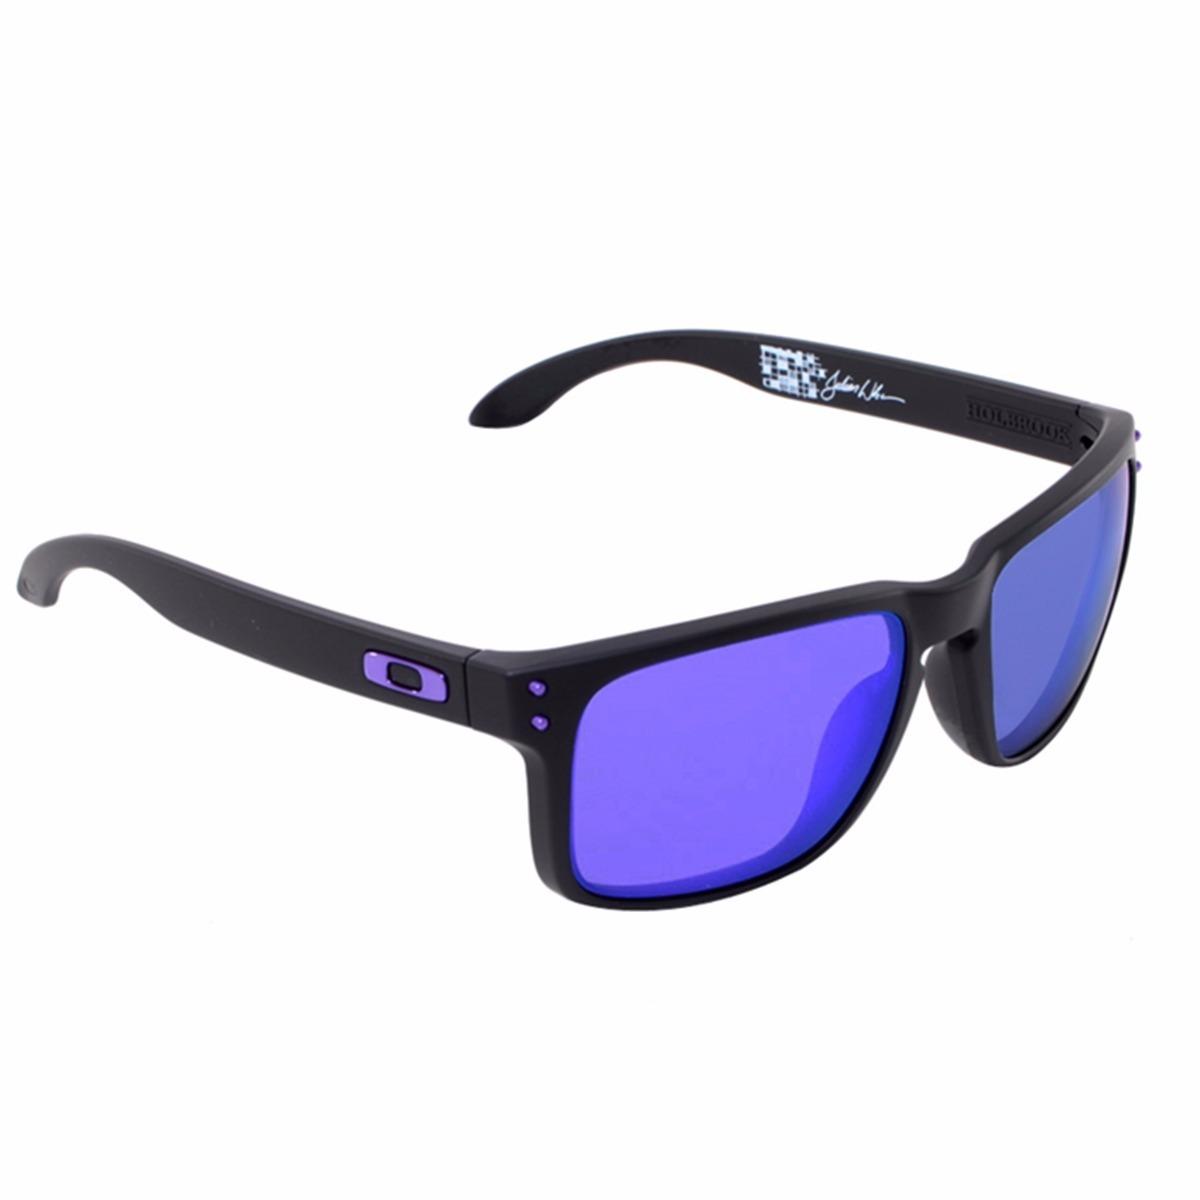 ddddf4e74956a Óculos Solar Oakley - Holbrook Julian Wilson - Original - R  490,00 em  Mercado Livre